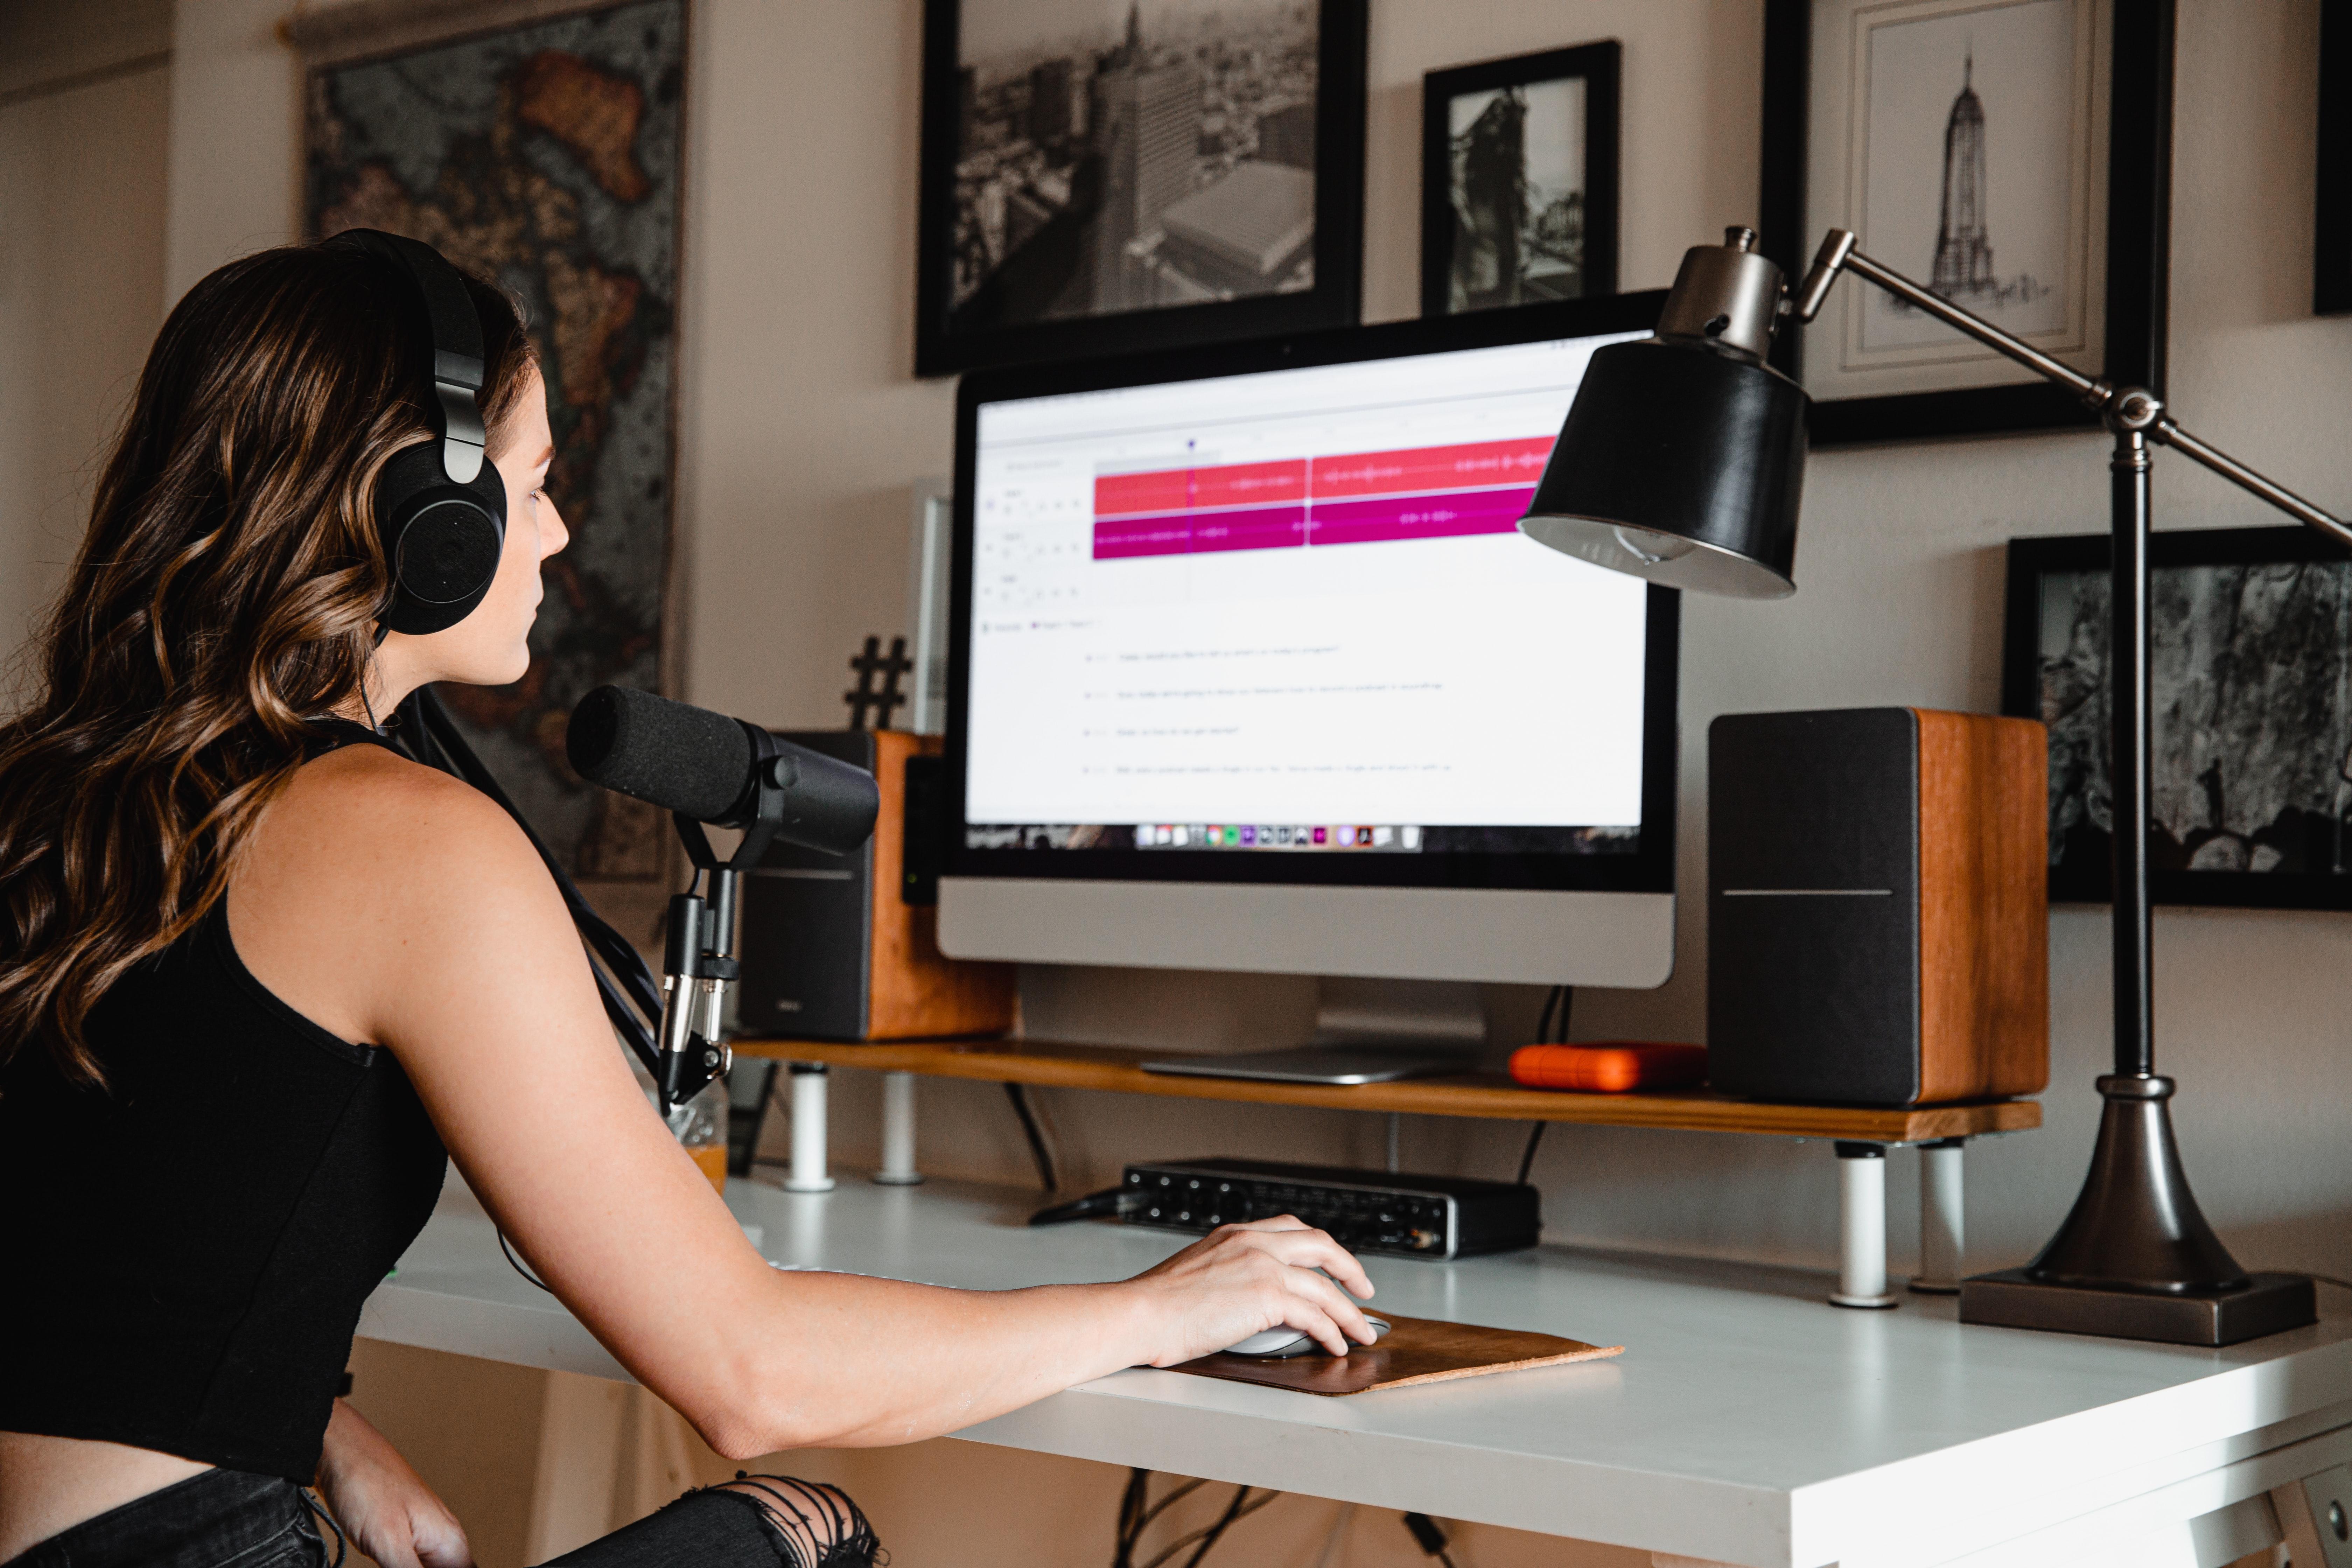 woman's home studio setup